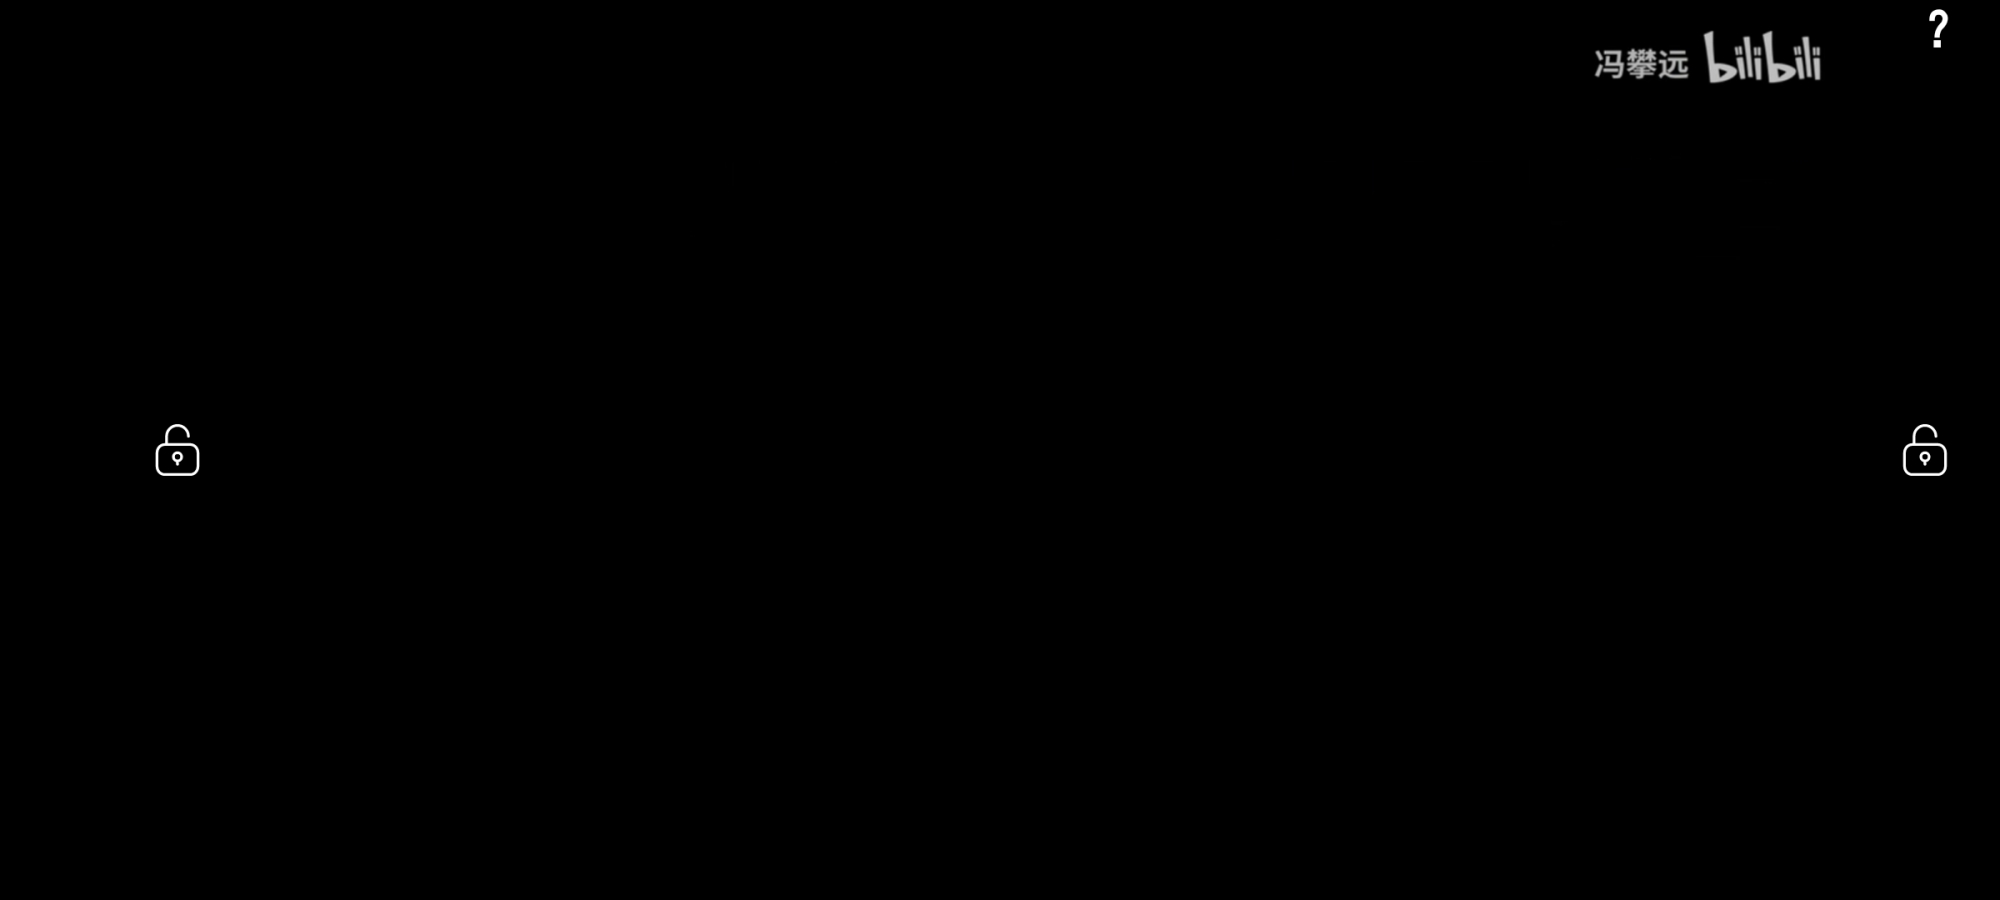 Screenshot_20191217_213422_tv.danmaku.bili.jpg